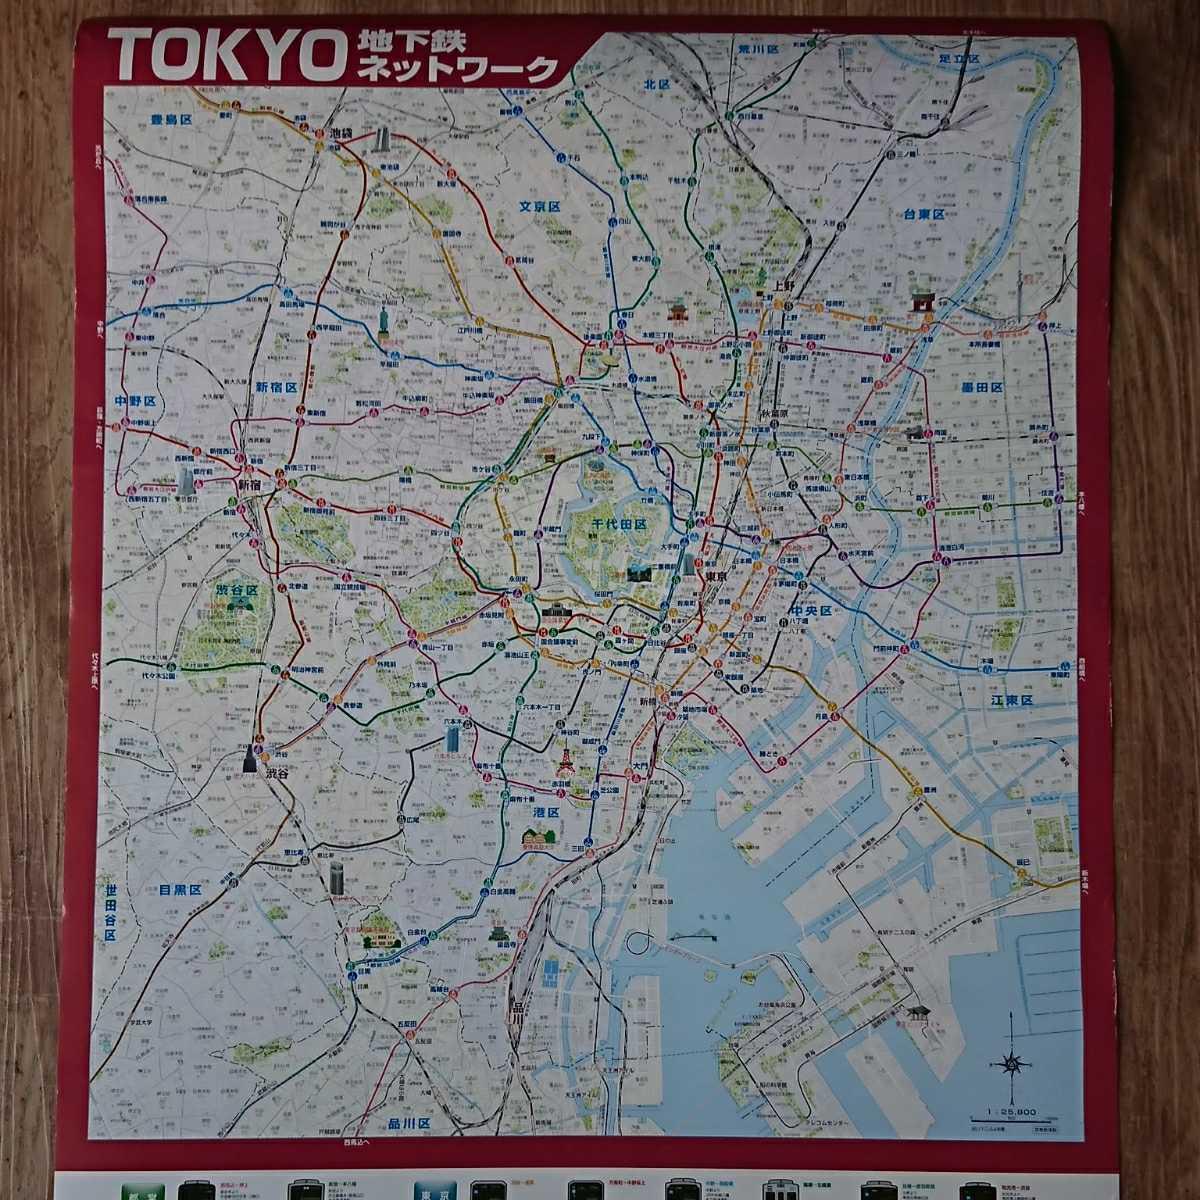 ぶよお堂 ポスタータイプカレンダー 東京地下鉄ネットワーク 2018年 ポスター カレンダー_画像2